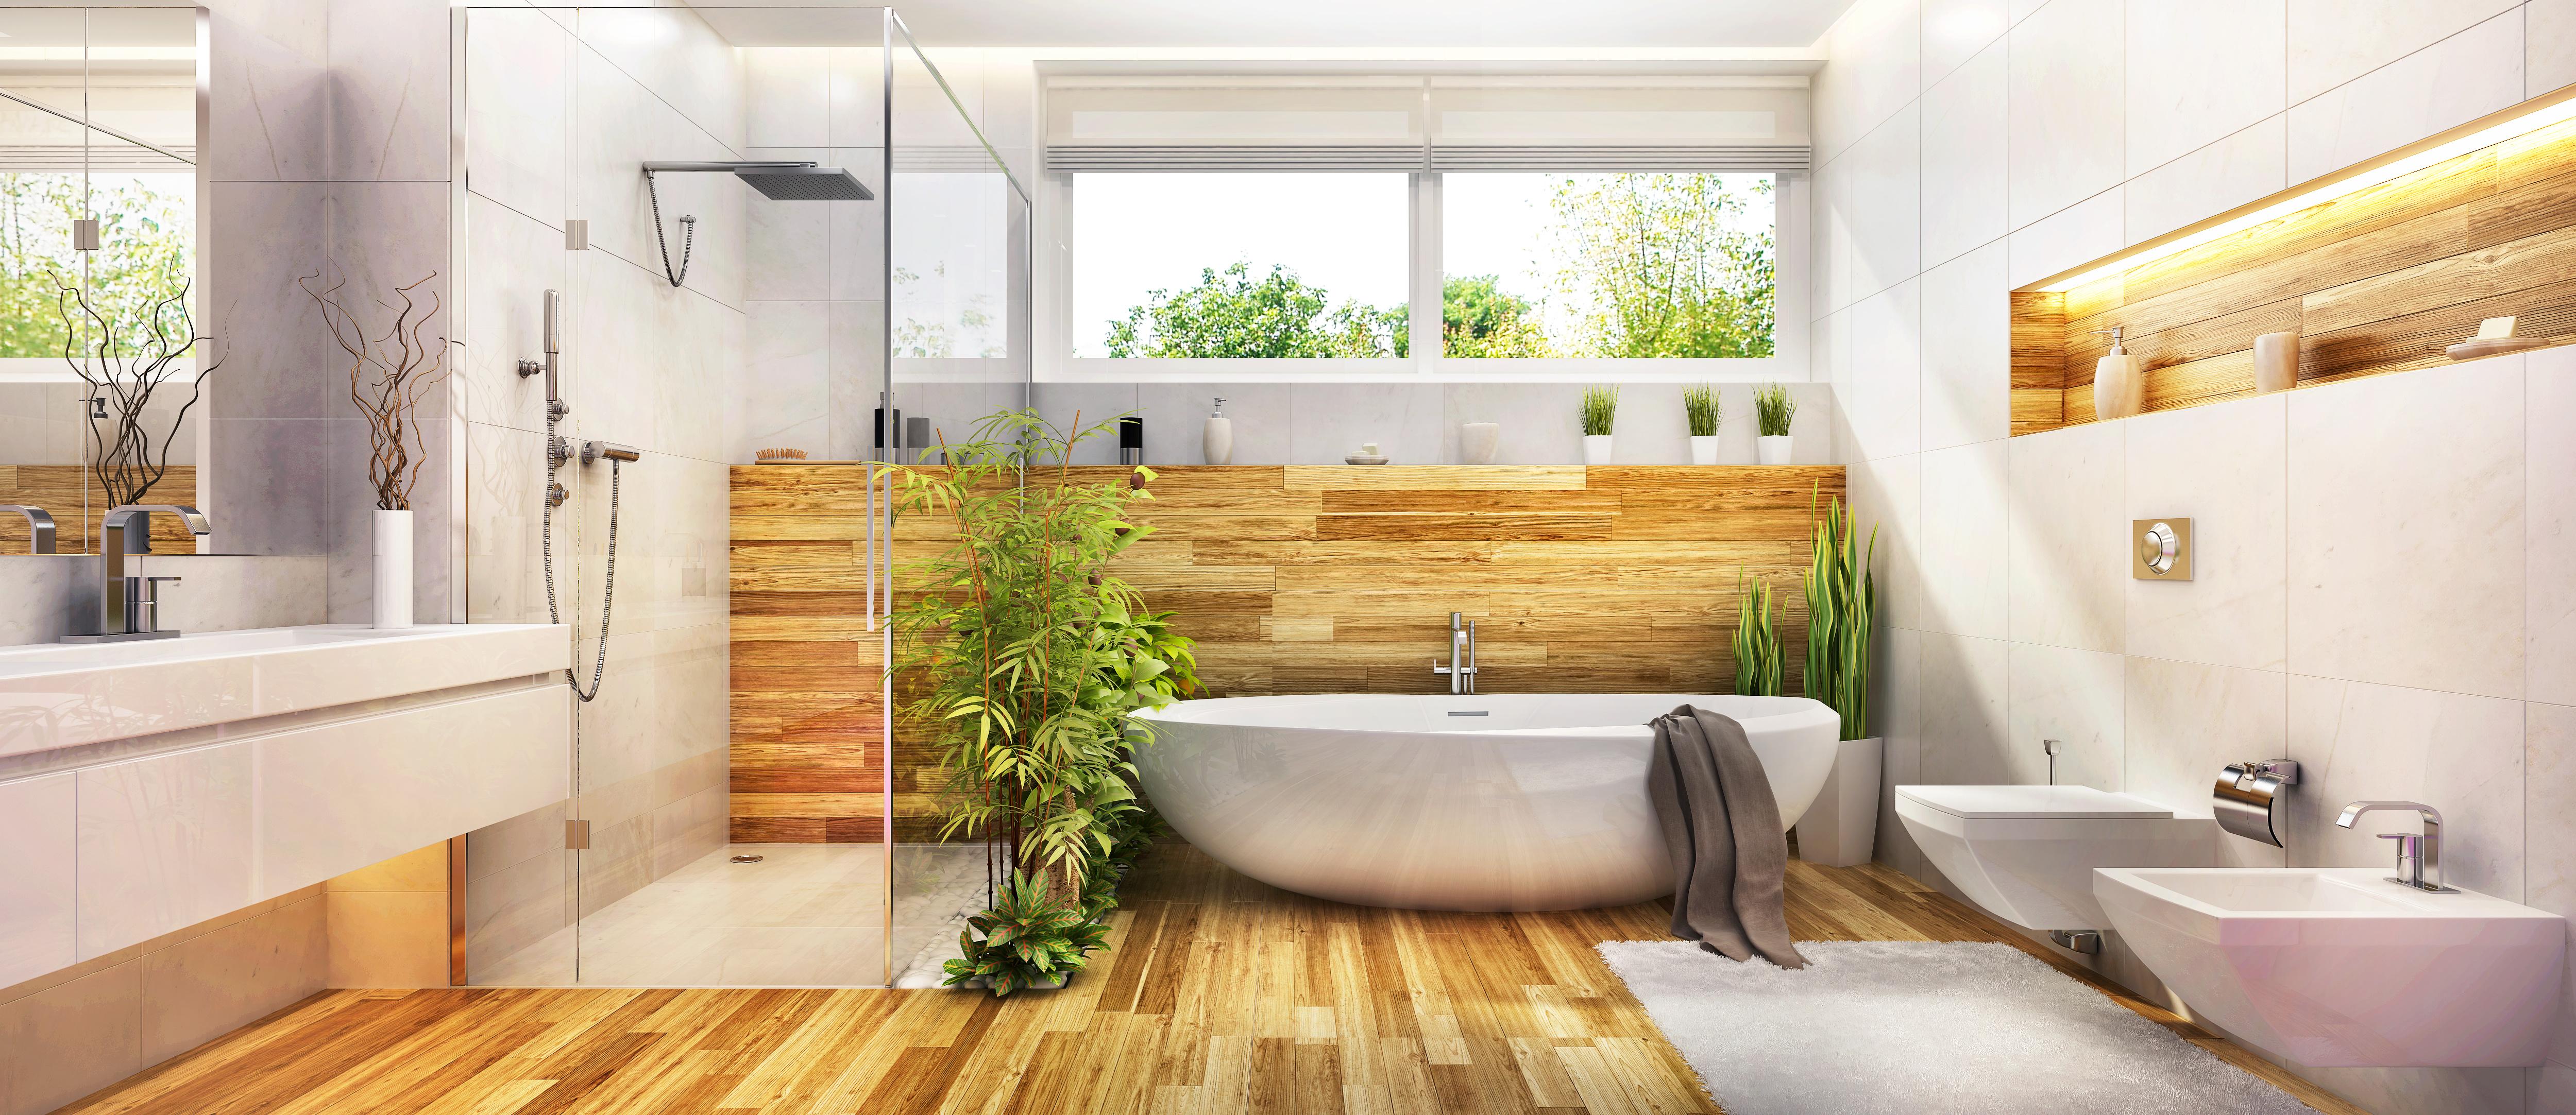 Laminat für Badezimmer? Warum nicht! - HEROLD.at